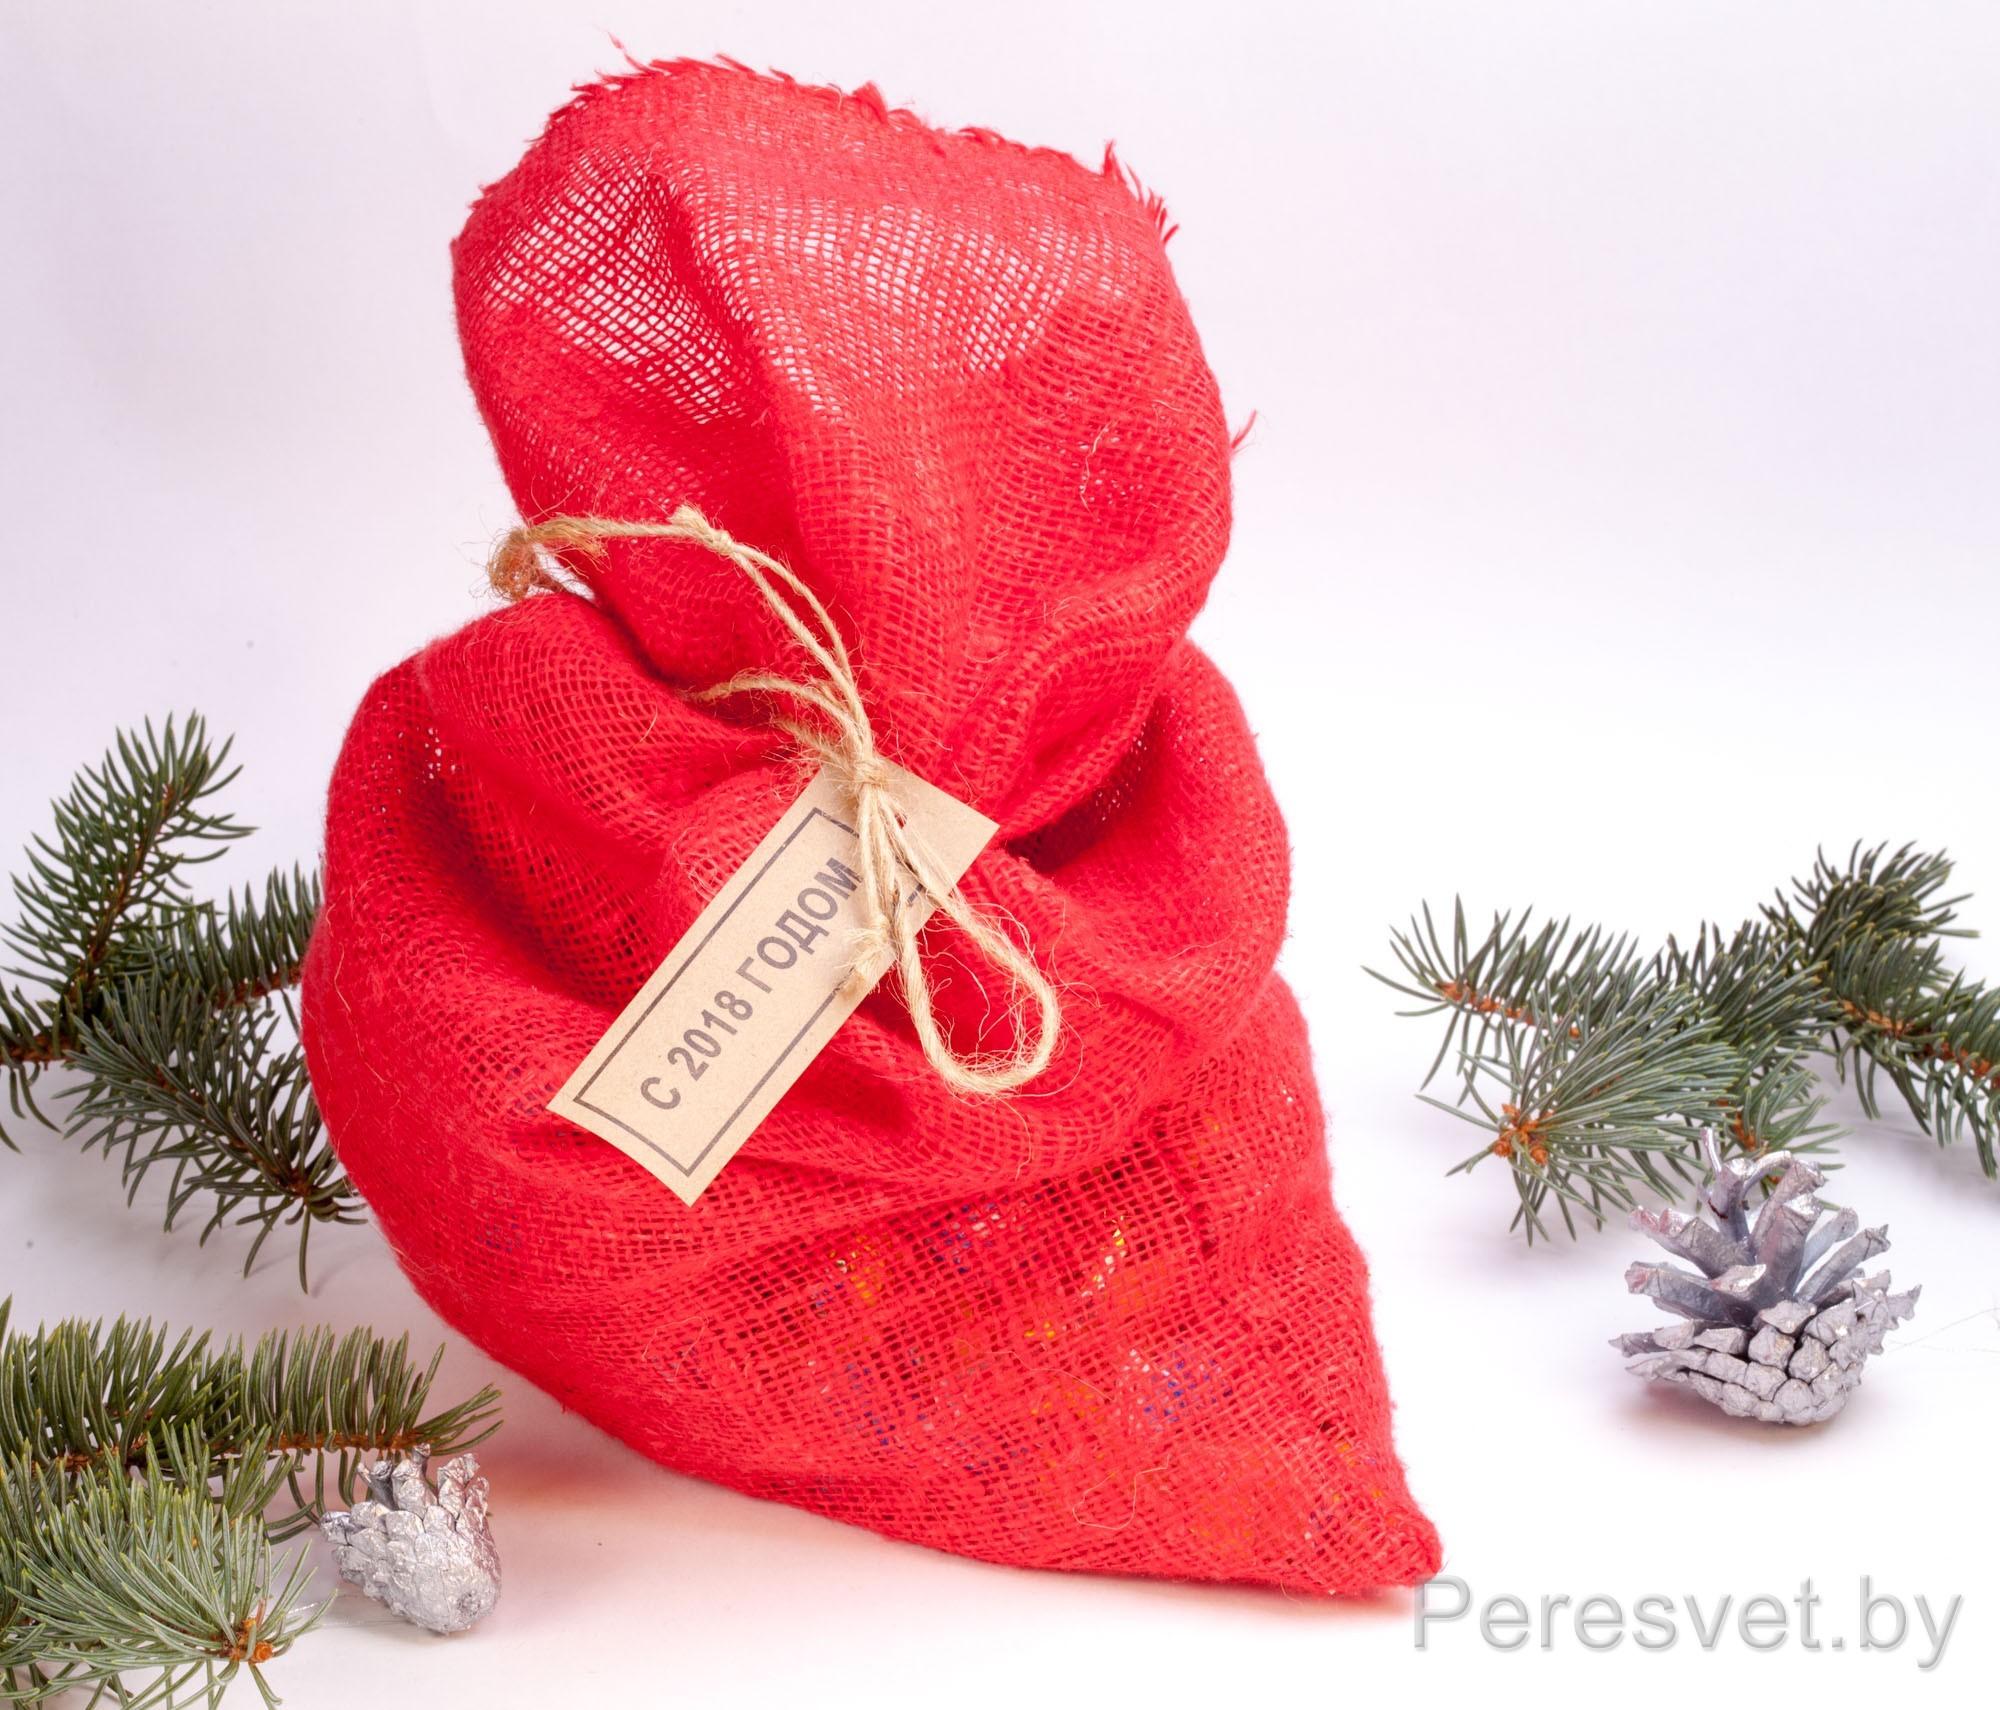 Дополнения к набору Подарок снеговика 2020 год Мешочек для конфет на peresvet.by